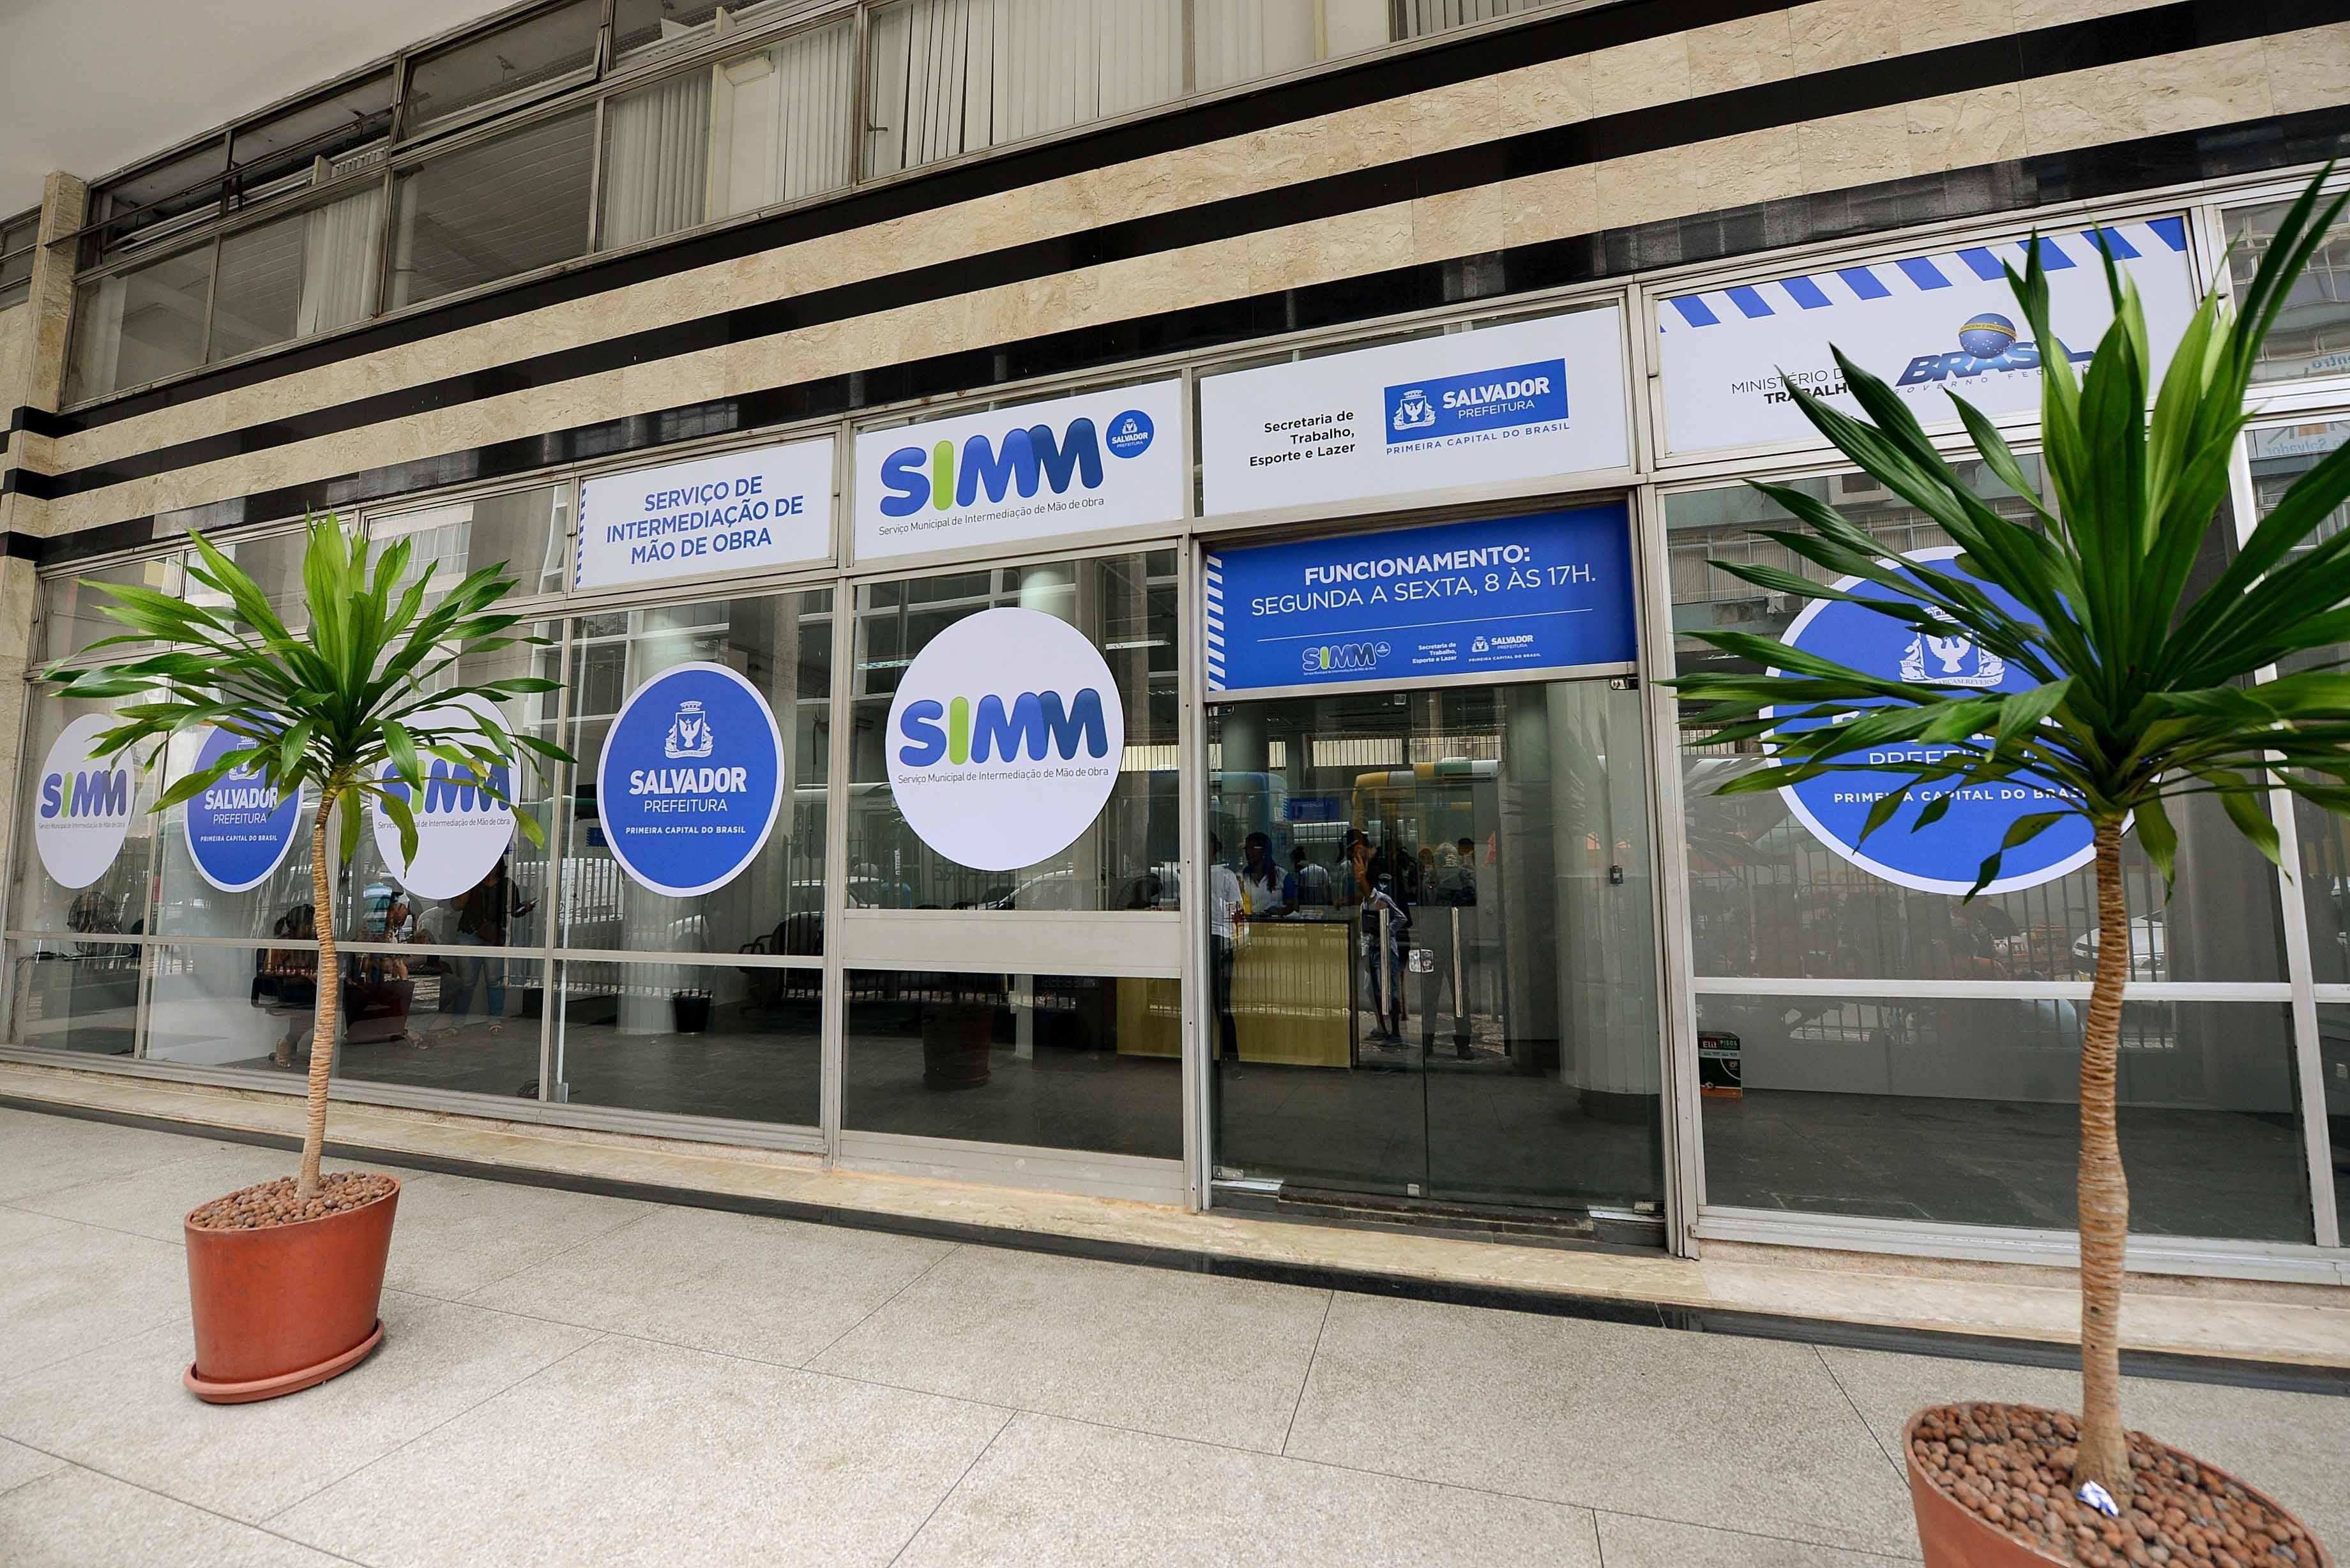 Simm e Simm Mulher oferecem 42 vagas de emprego por teleatendimento para esta quinta-feira em Salvador